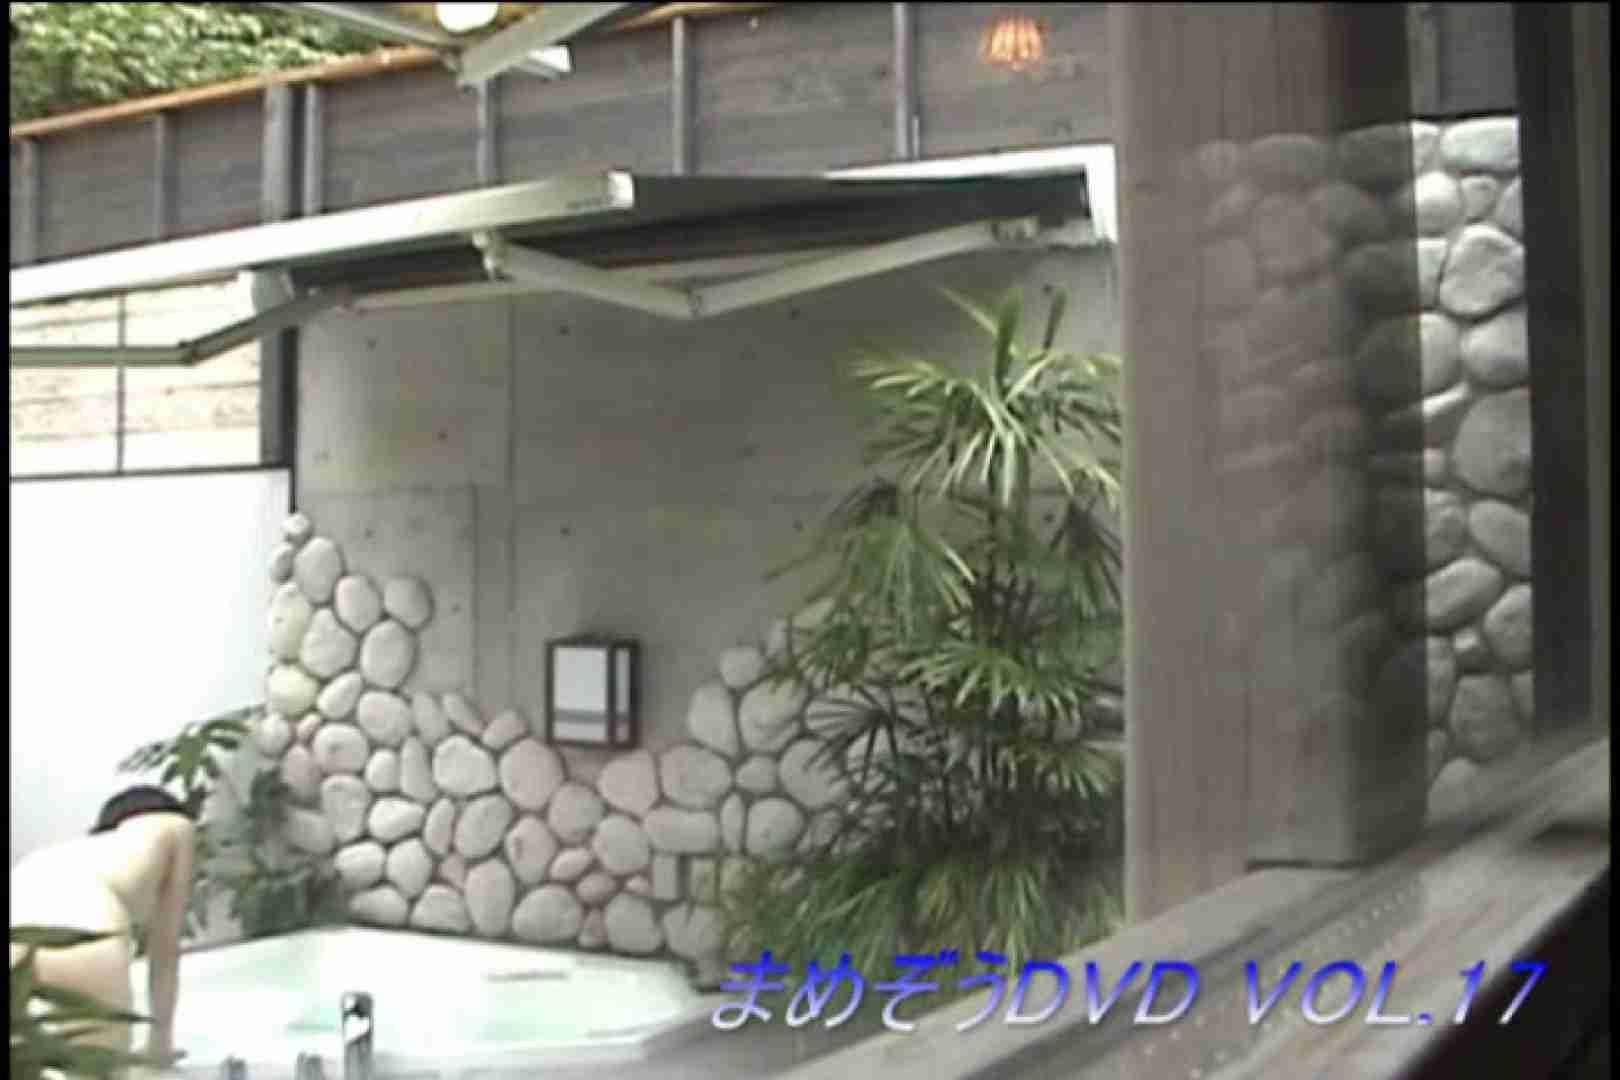 まめぞうDVD完全版VOL.17 洗面所 | ギャル攻め  94画像 45